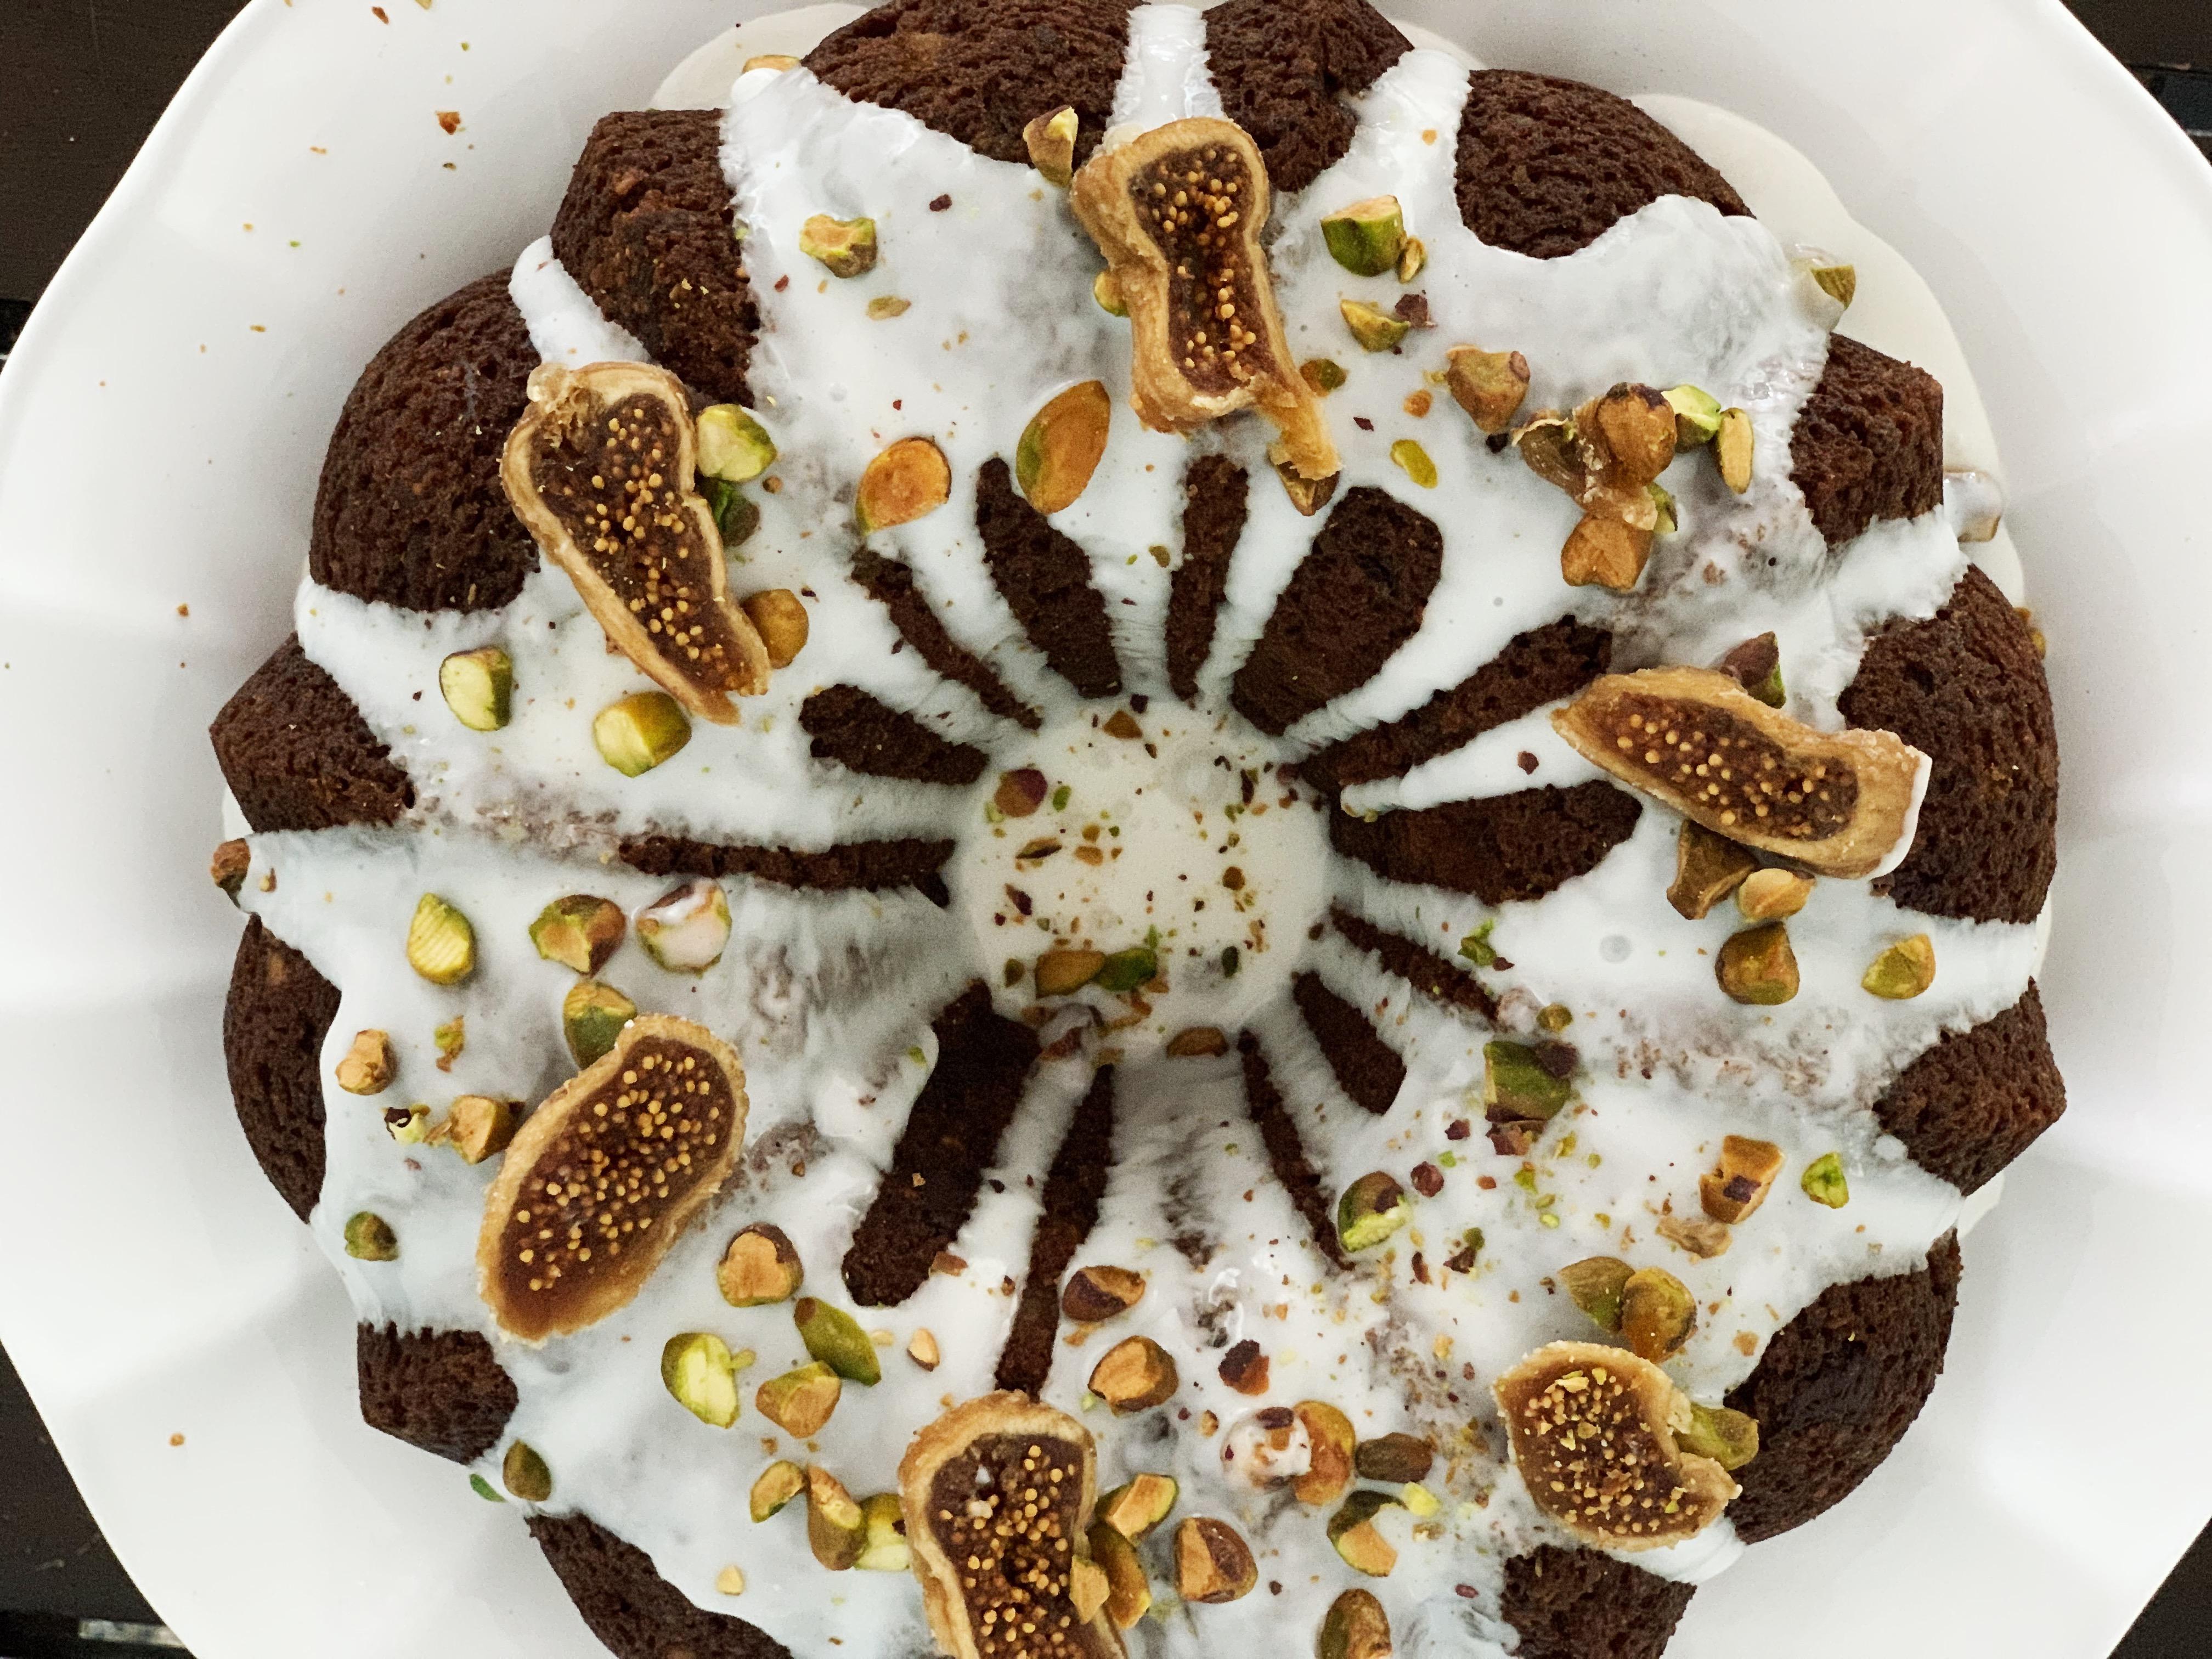 Pan de plátano con higo, pistacho y chocolate